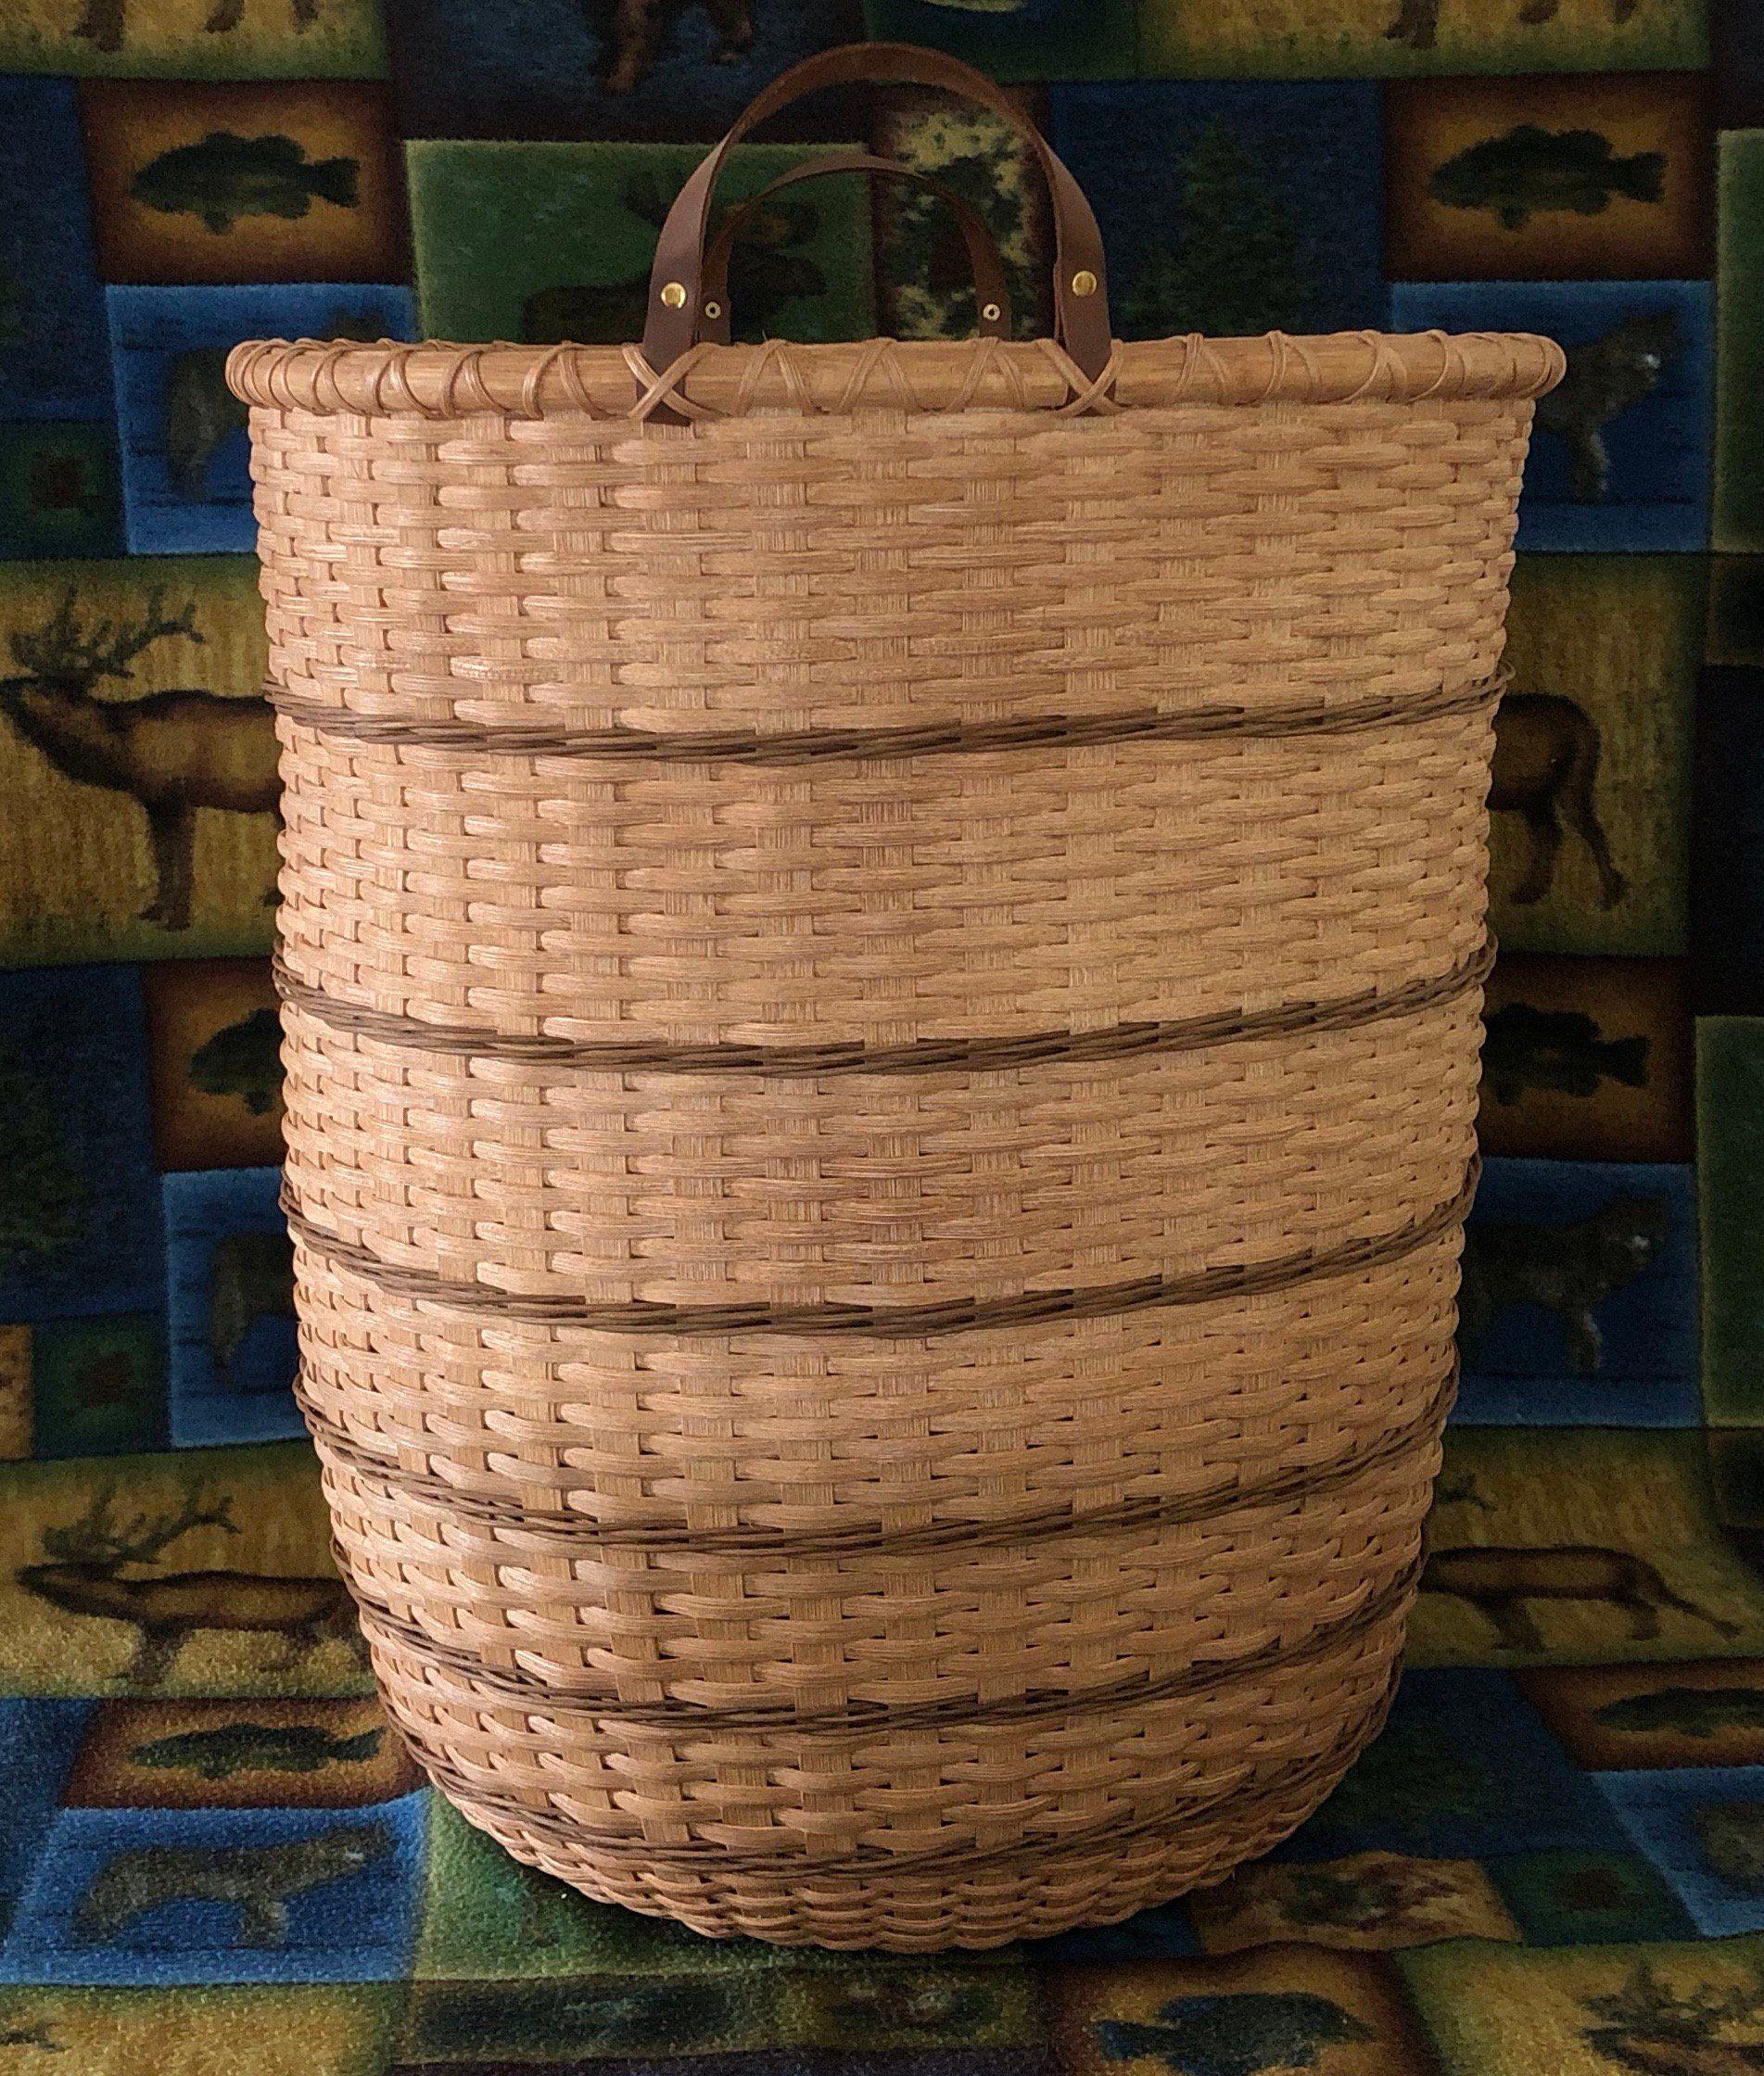 Laundry Hamper Basket | Laundry hamper, Hamper basket ...